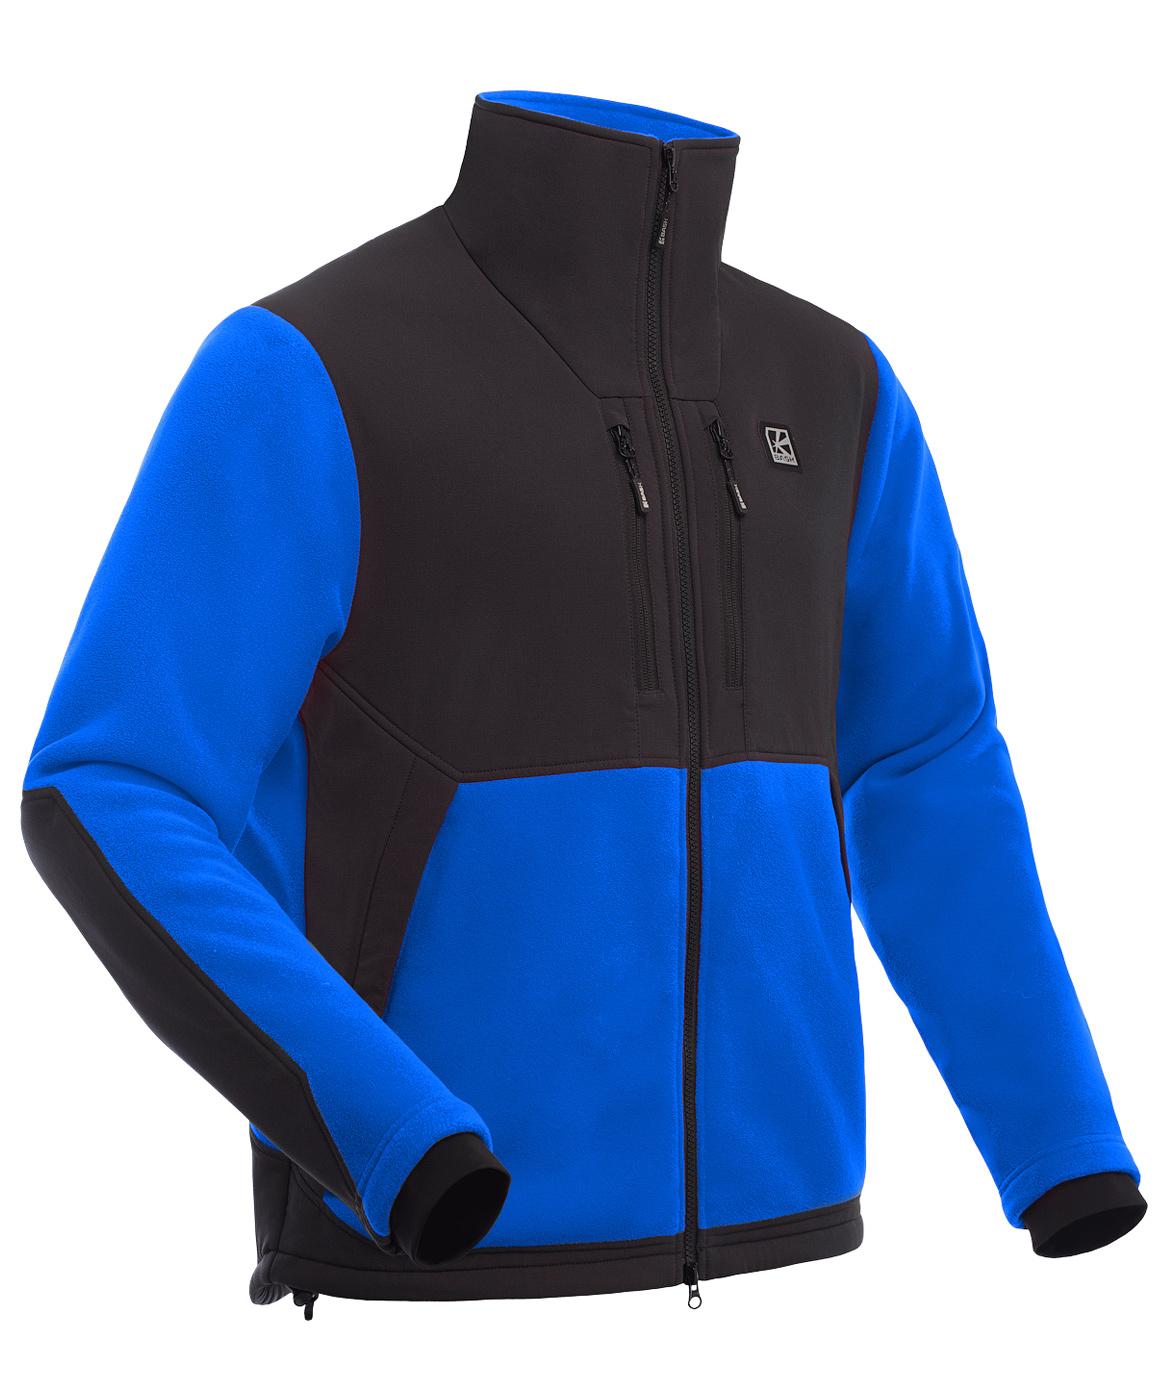 Куртка мужская Polartec BASK GUIDE синяя, Куртки из Polartec и флиса - арт. 1066490330